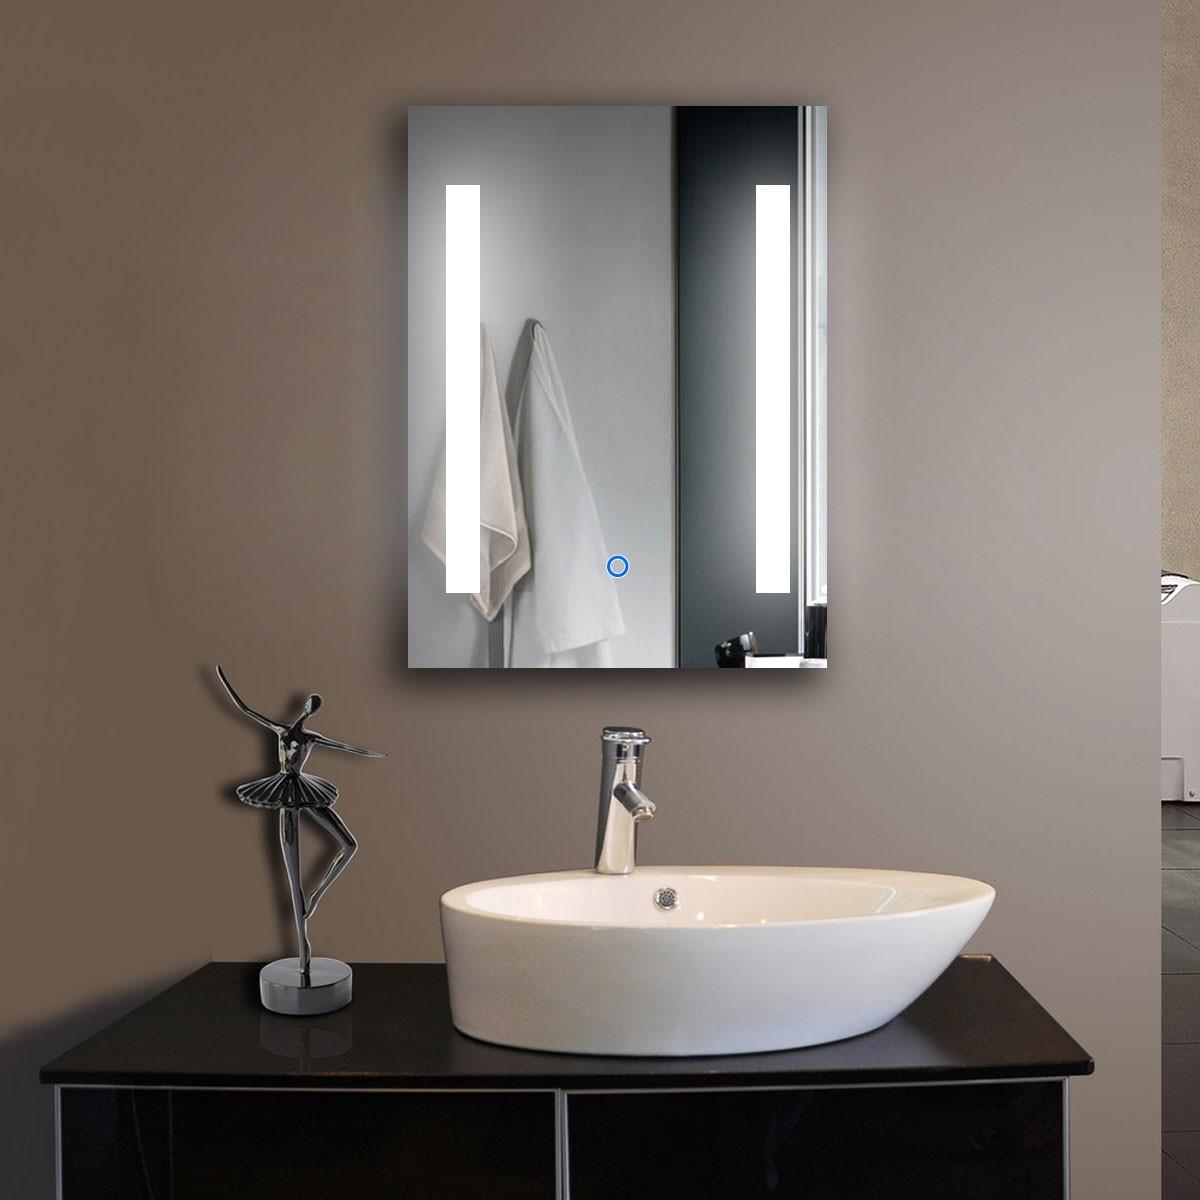 24 x 32 po miroir de salle de bain LED vertical avec bouton tactile (DK-OD-C23)